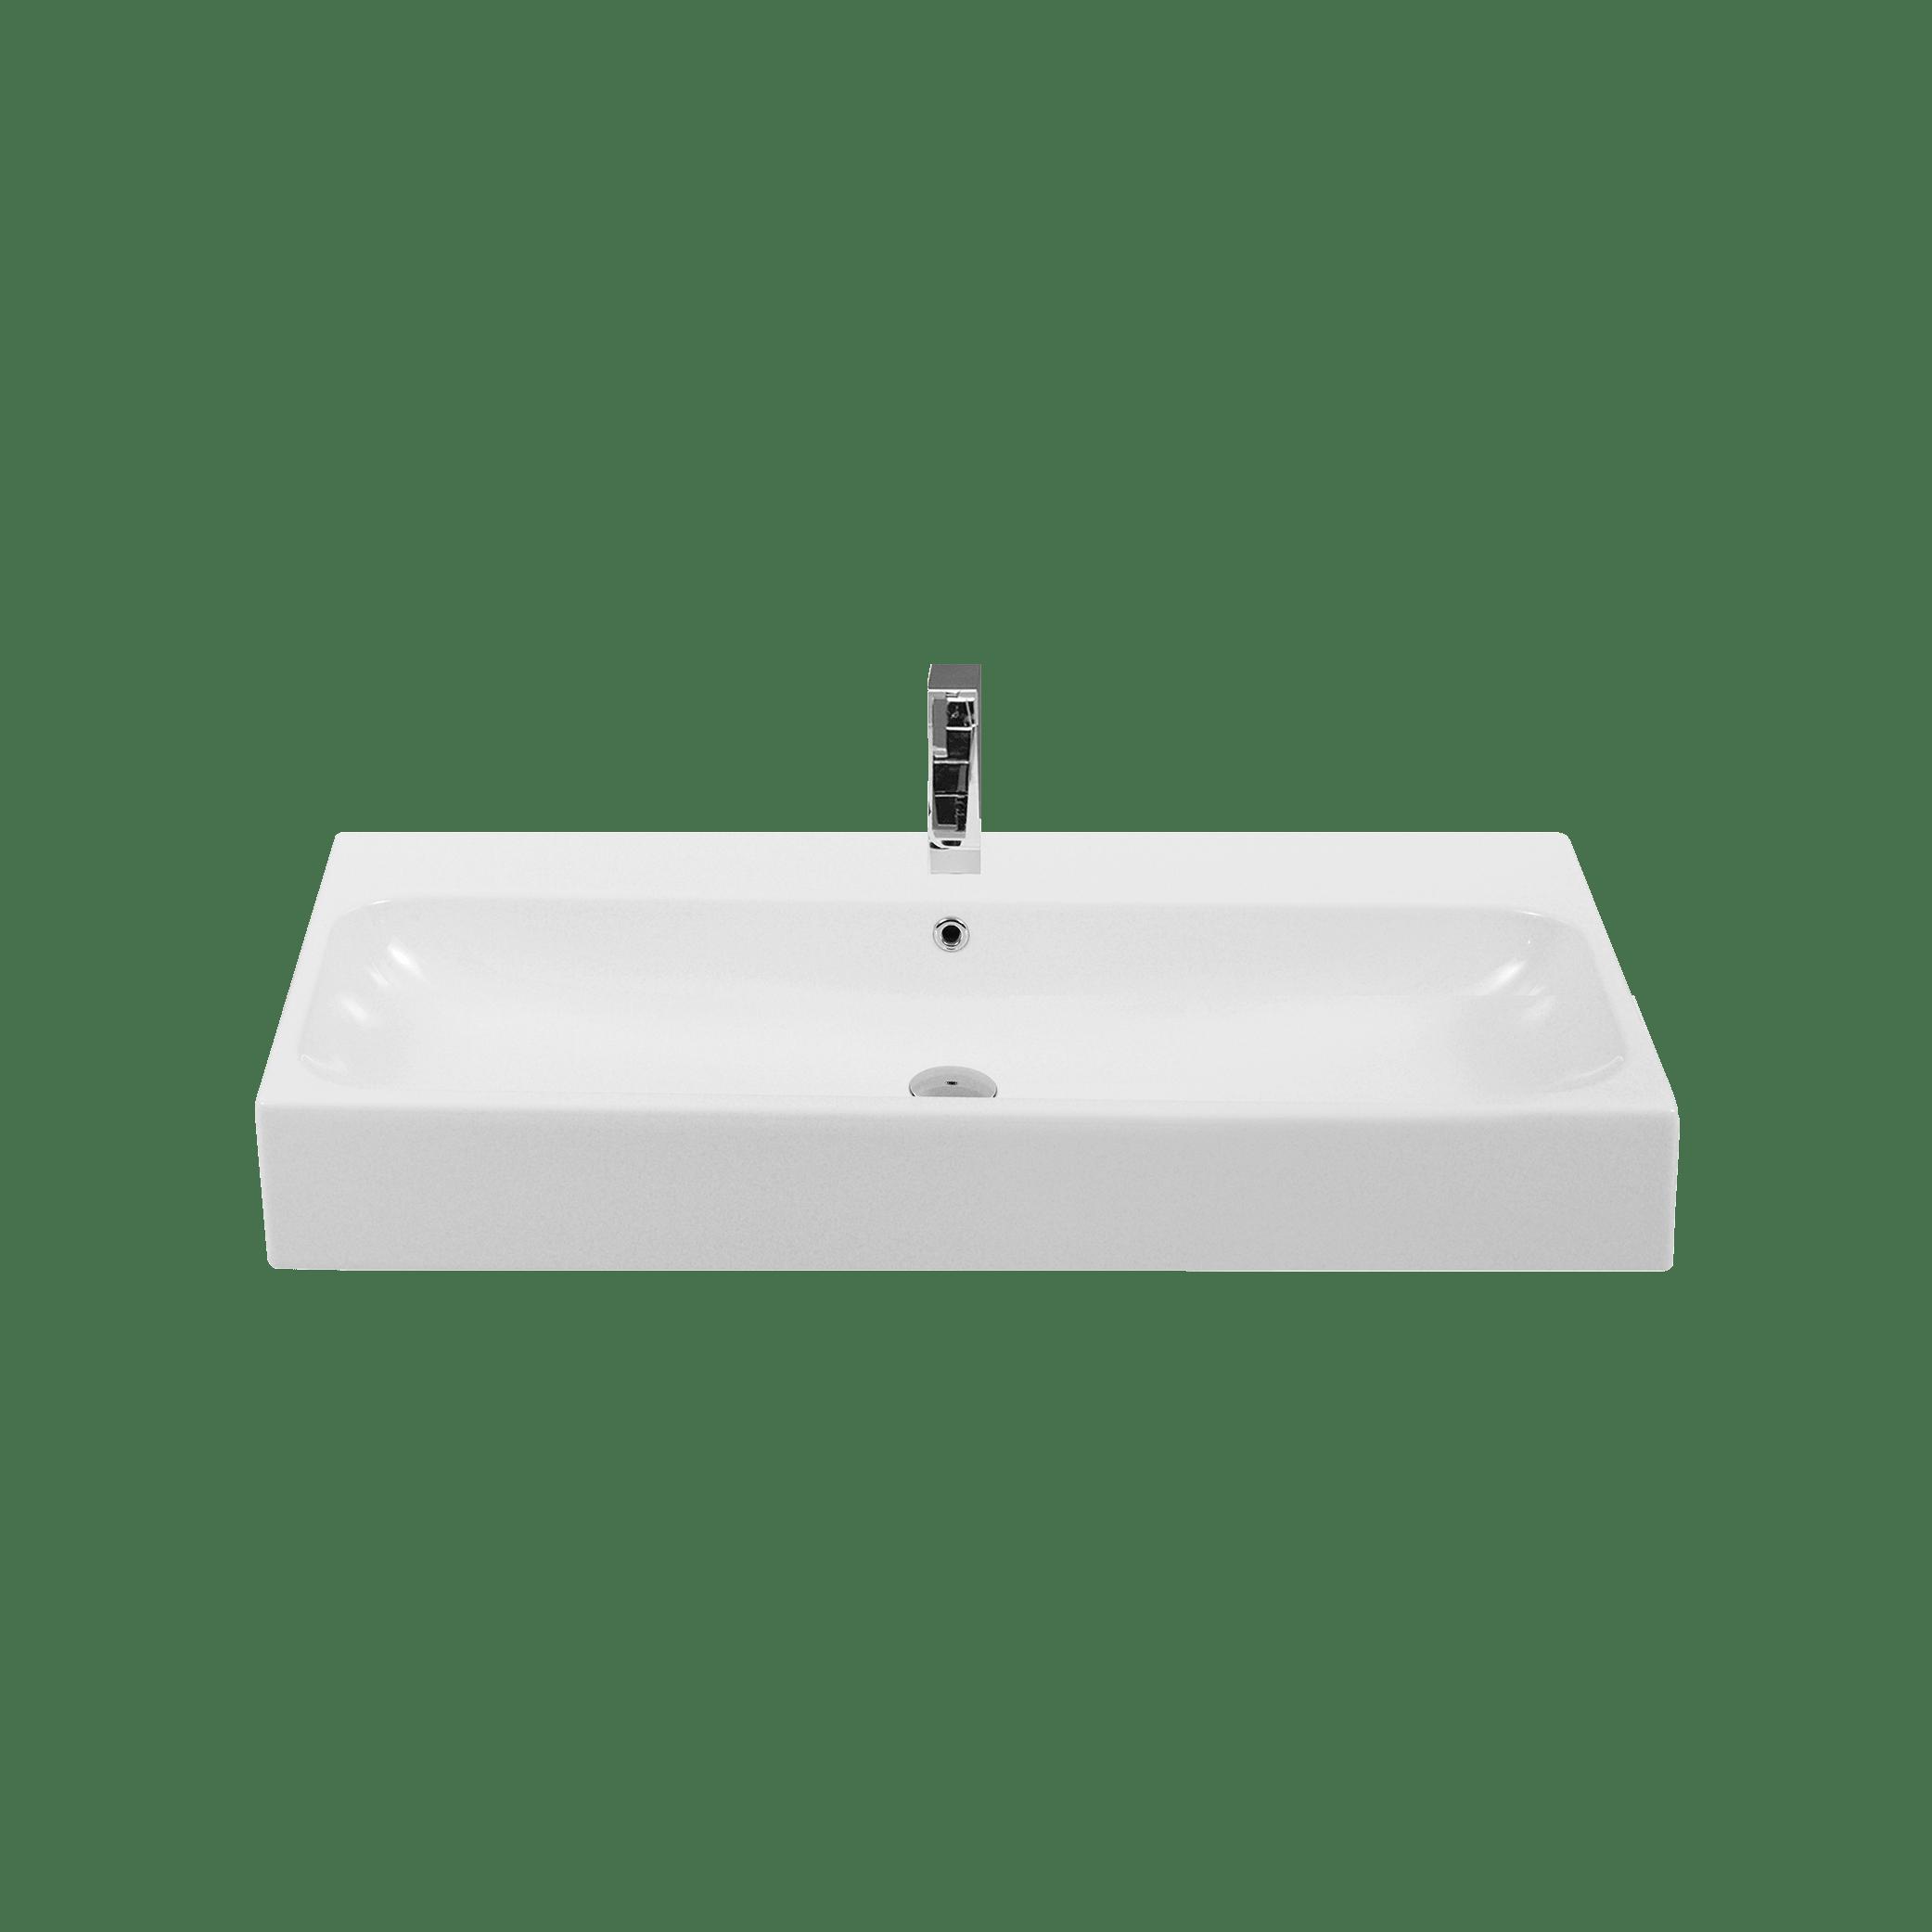 Pinto lavabo Kupatila online